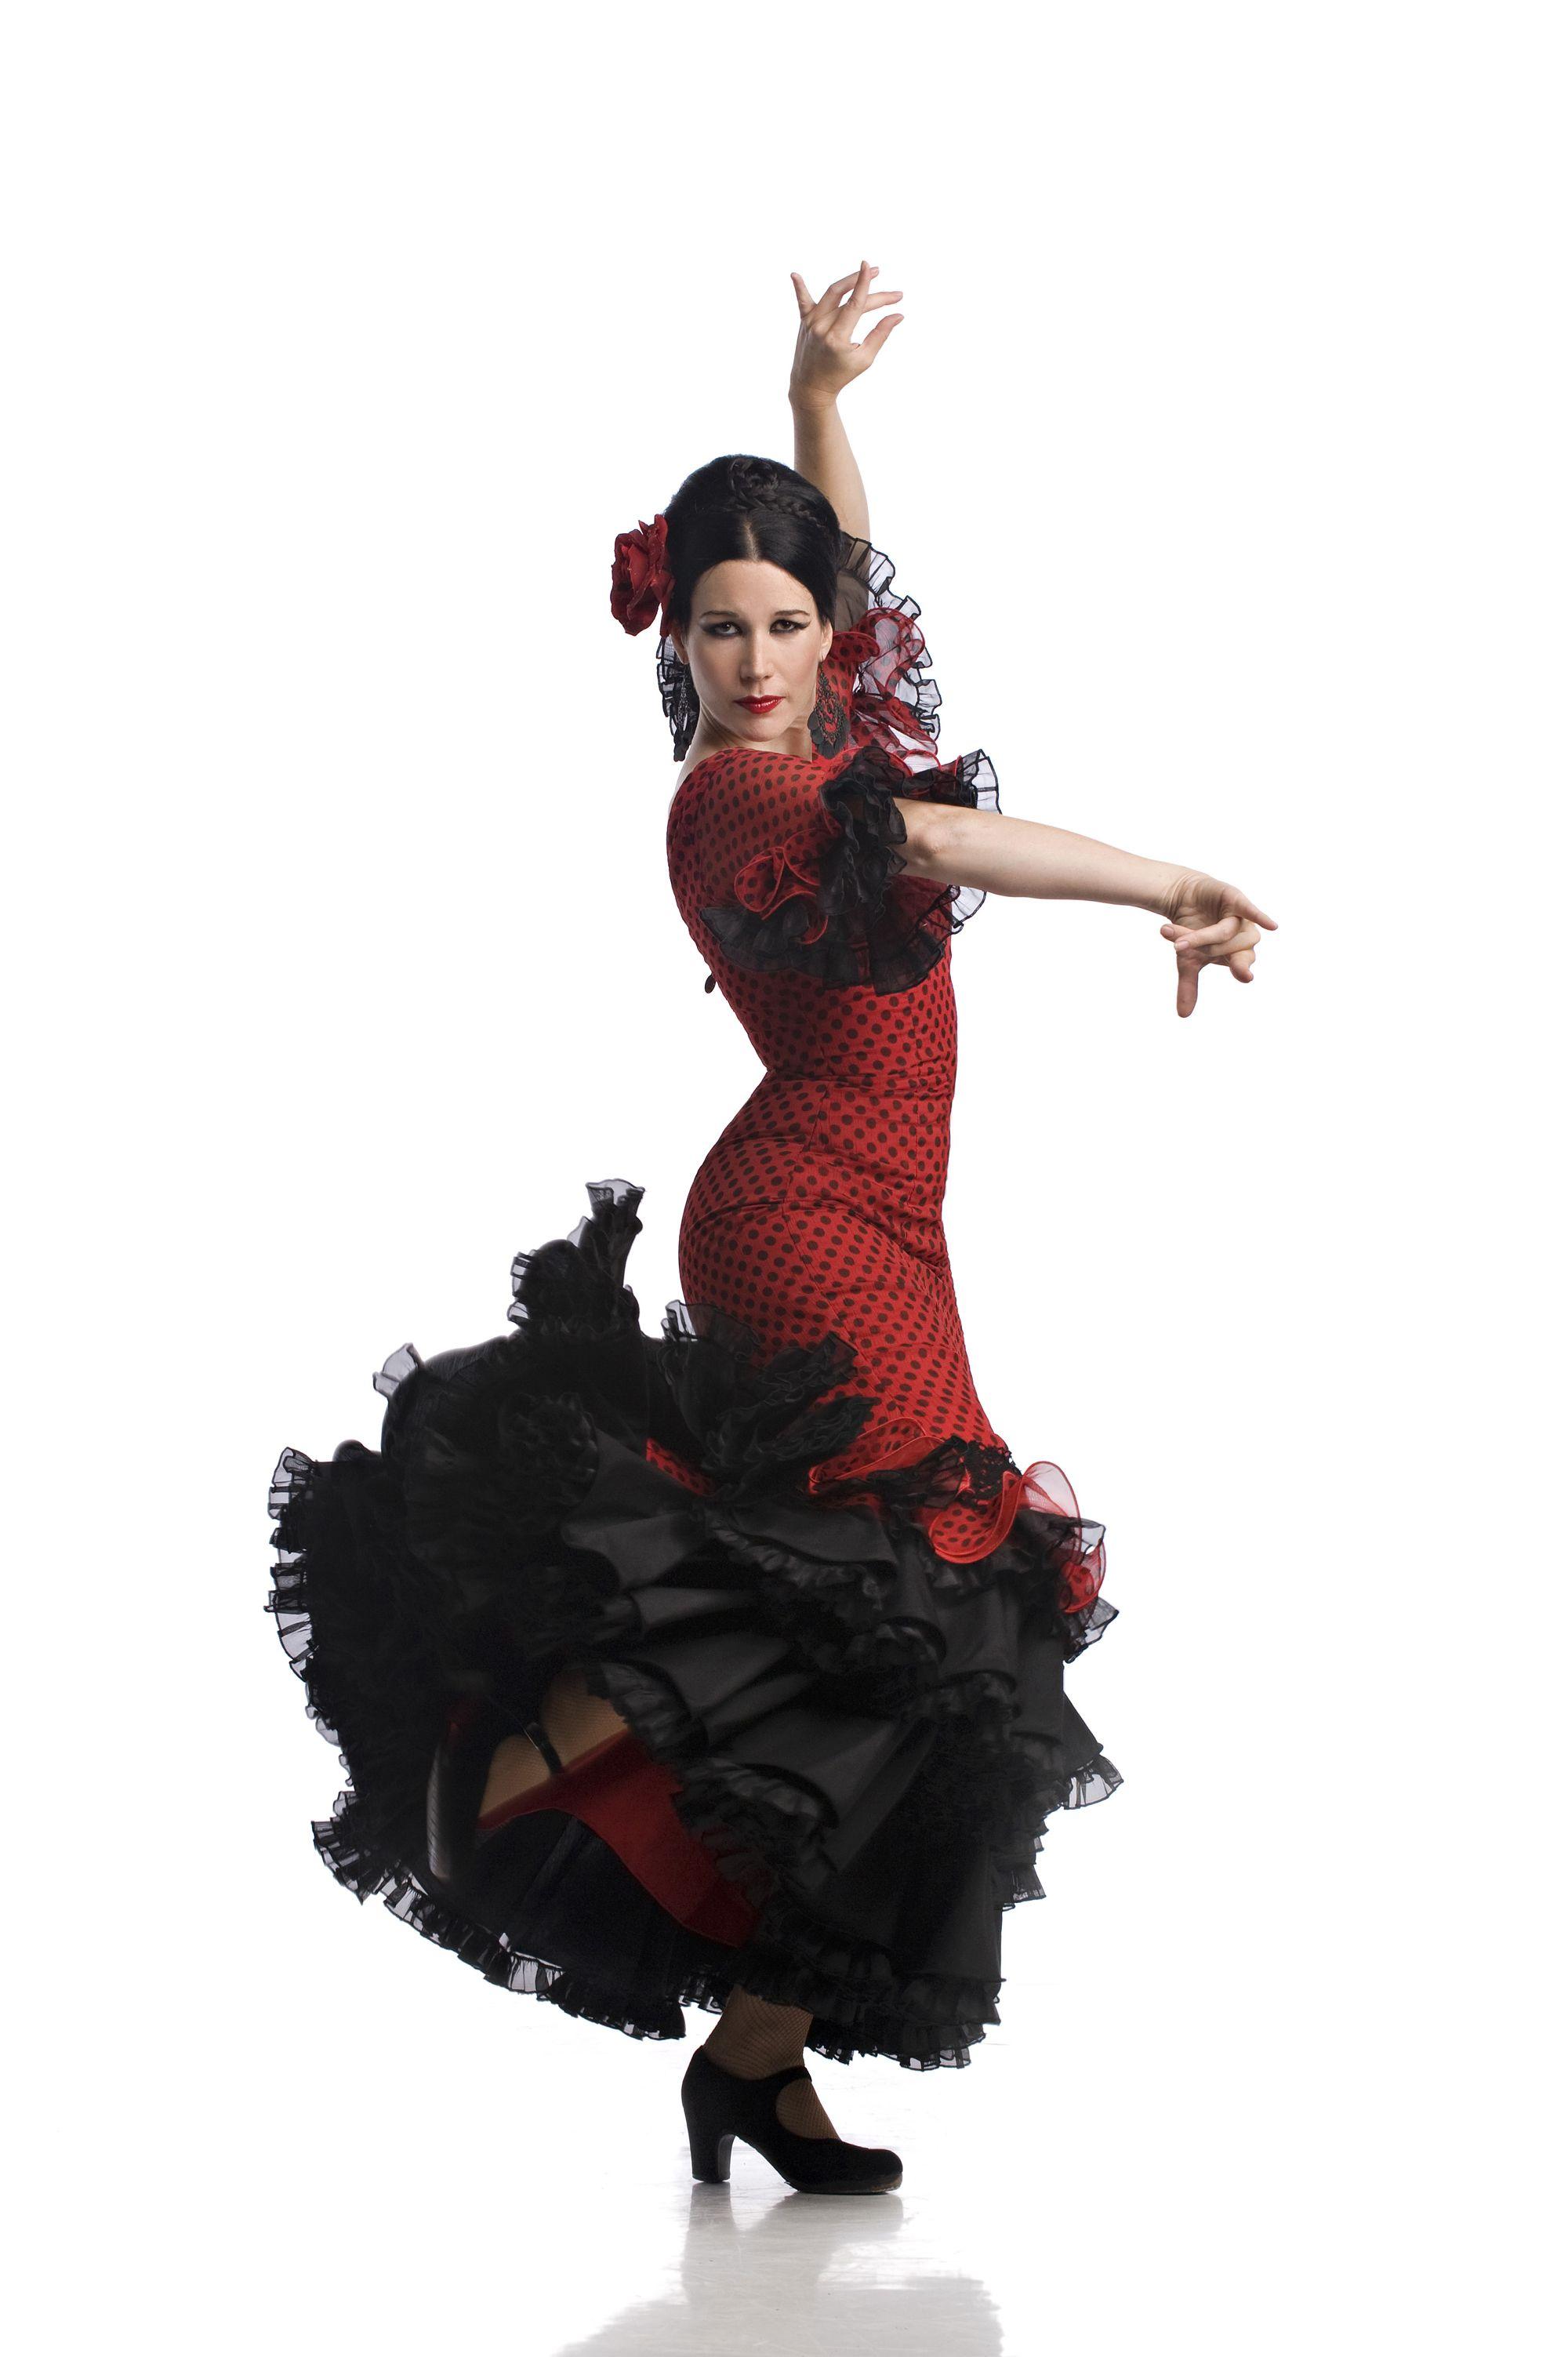 переводим танцовщица фламенко фото жизни